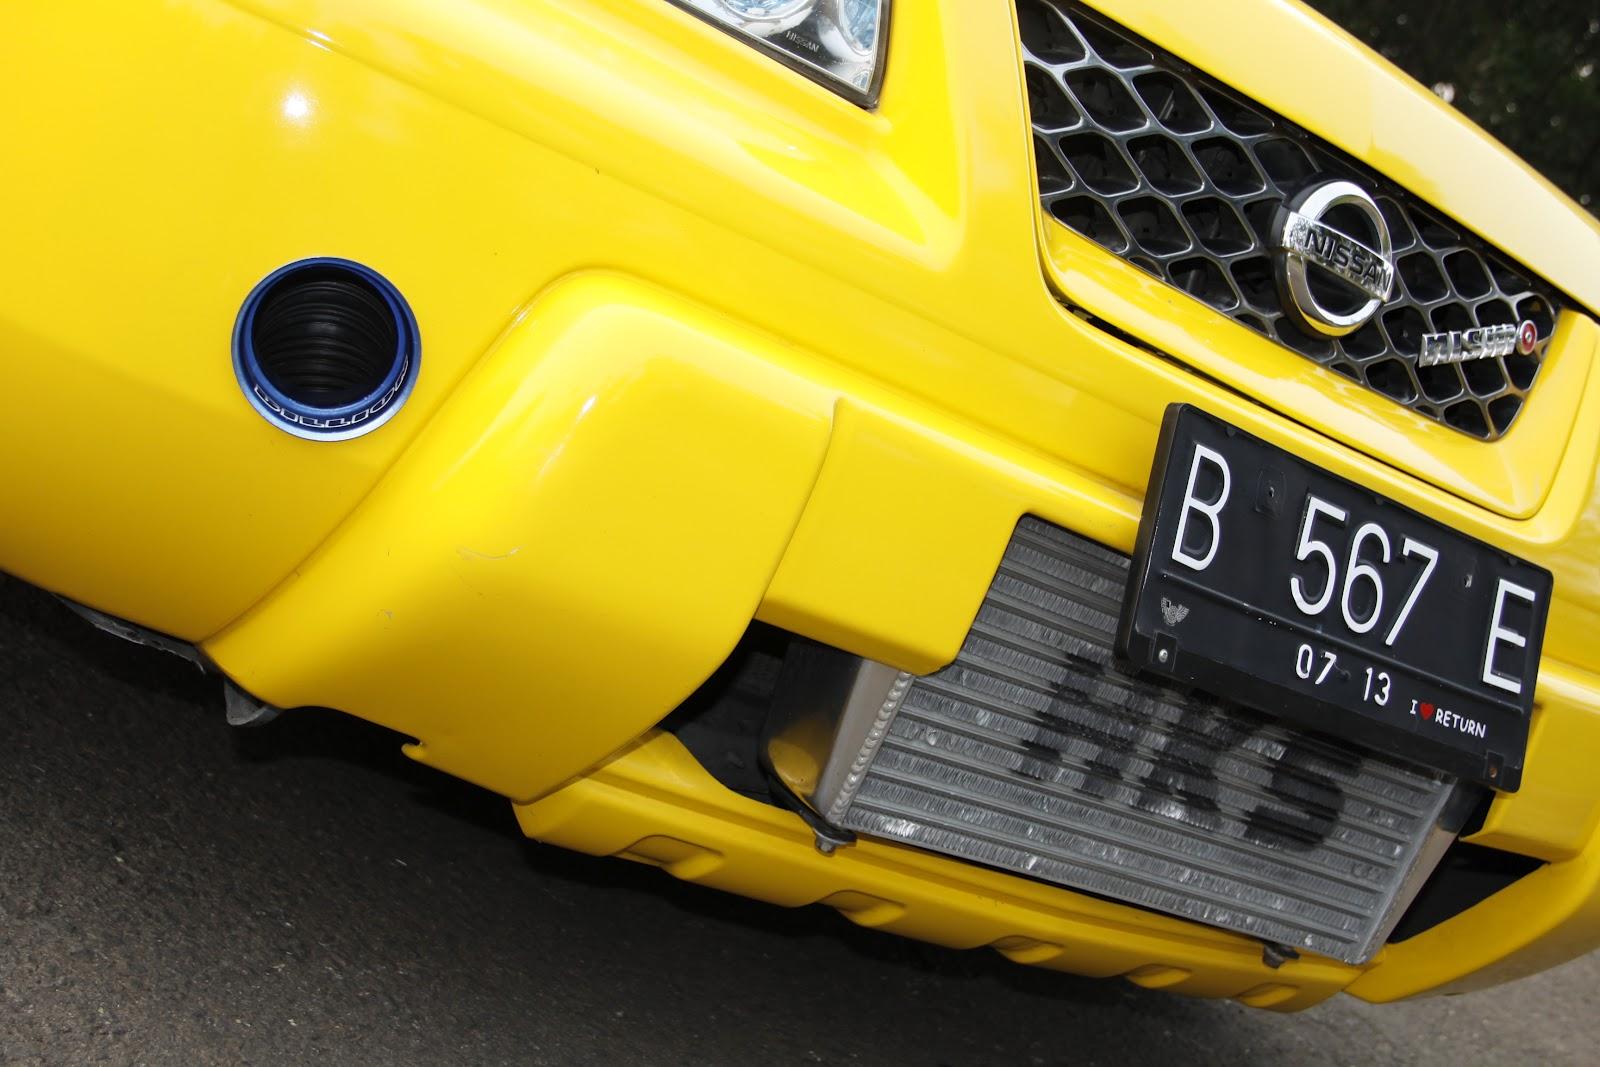 Gambar Modif Mobil X Trail Terbaru Tahun Ini - Dunia Ottomotif